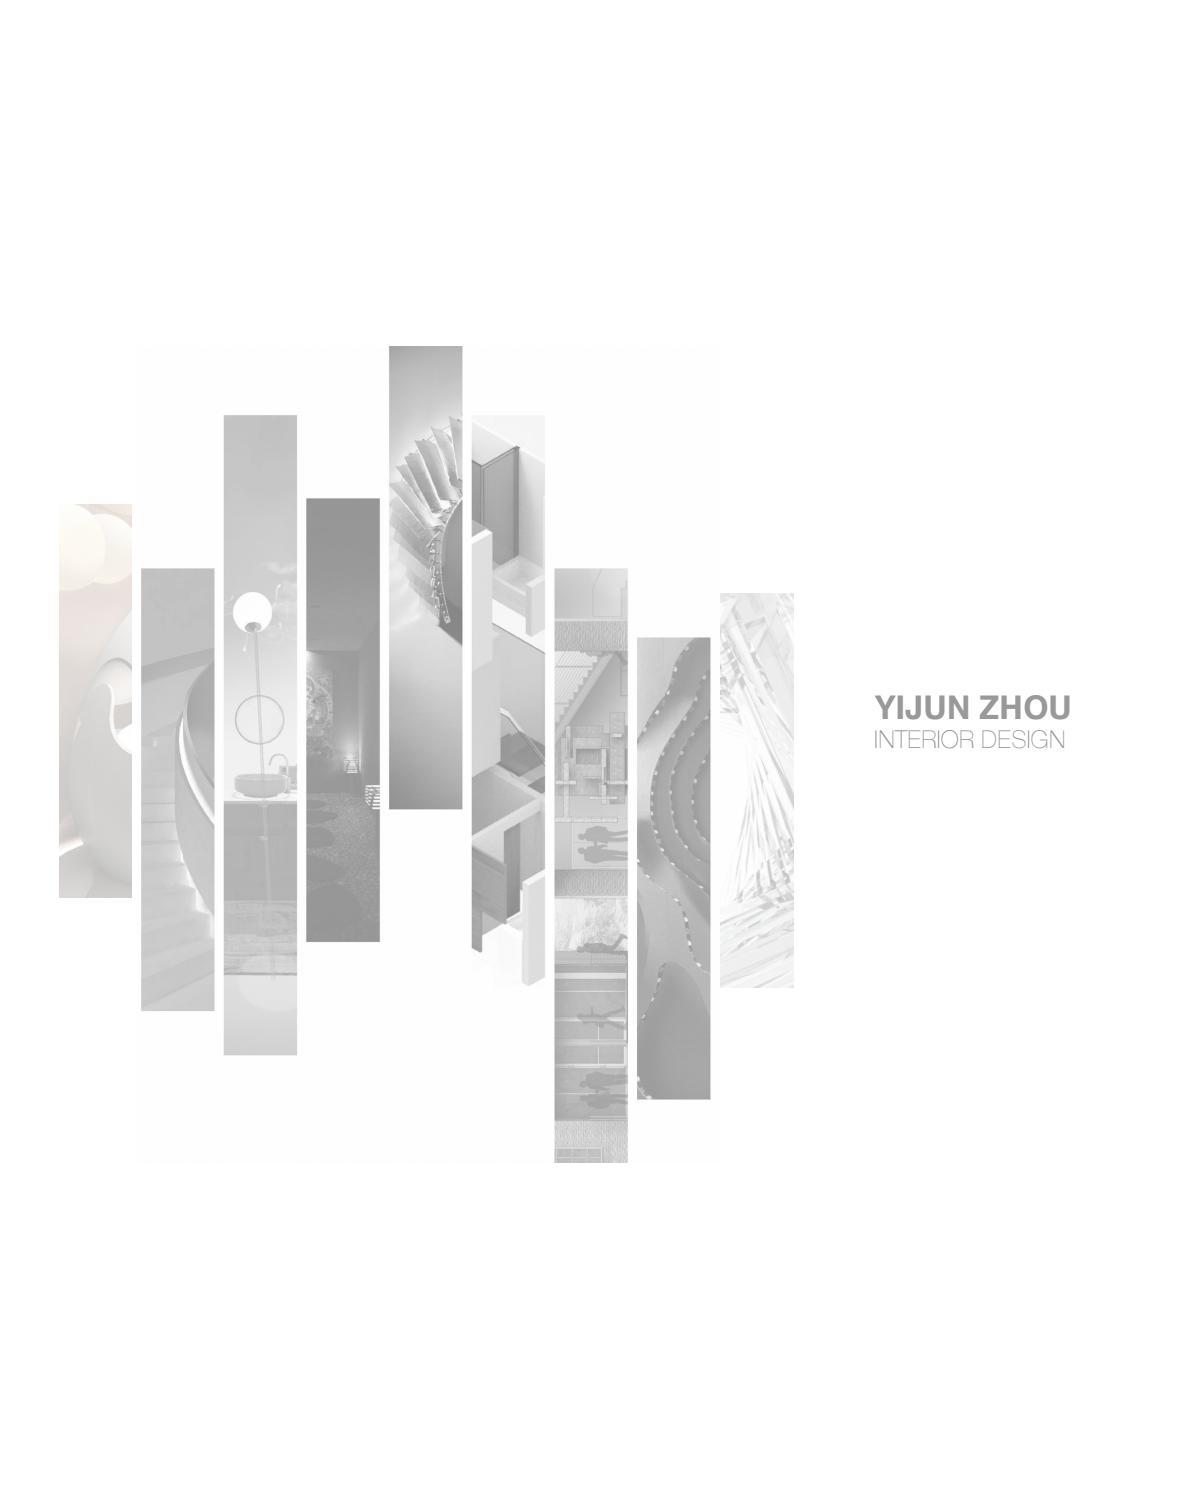 Yijunzhou Design Portfolio By Yijun Zhou Issuu